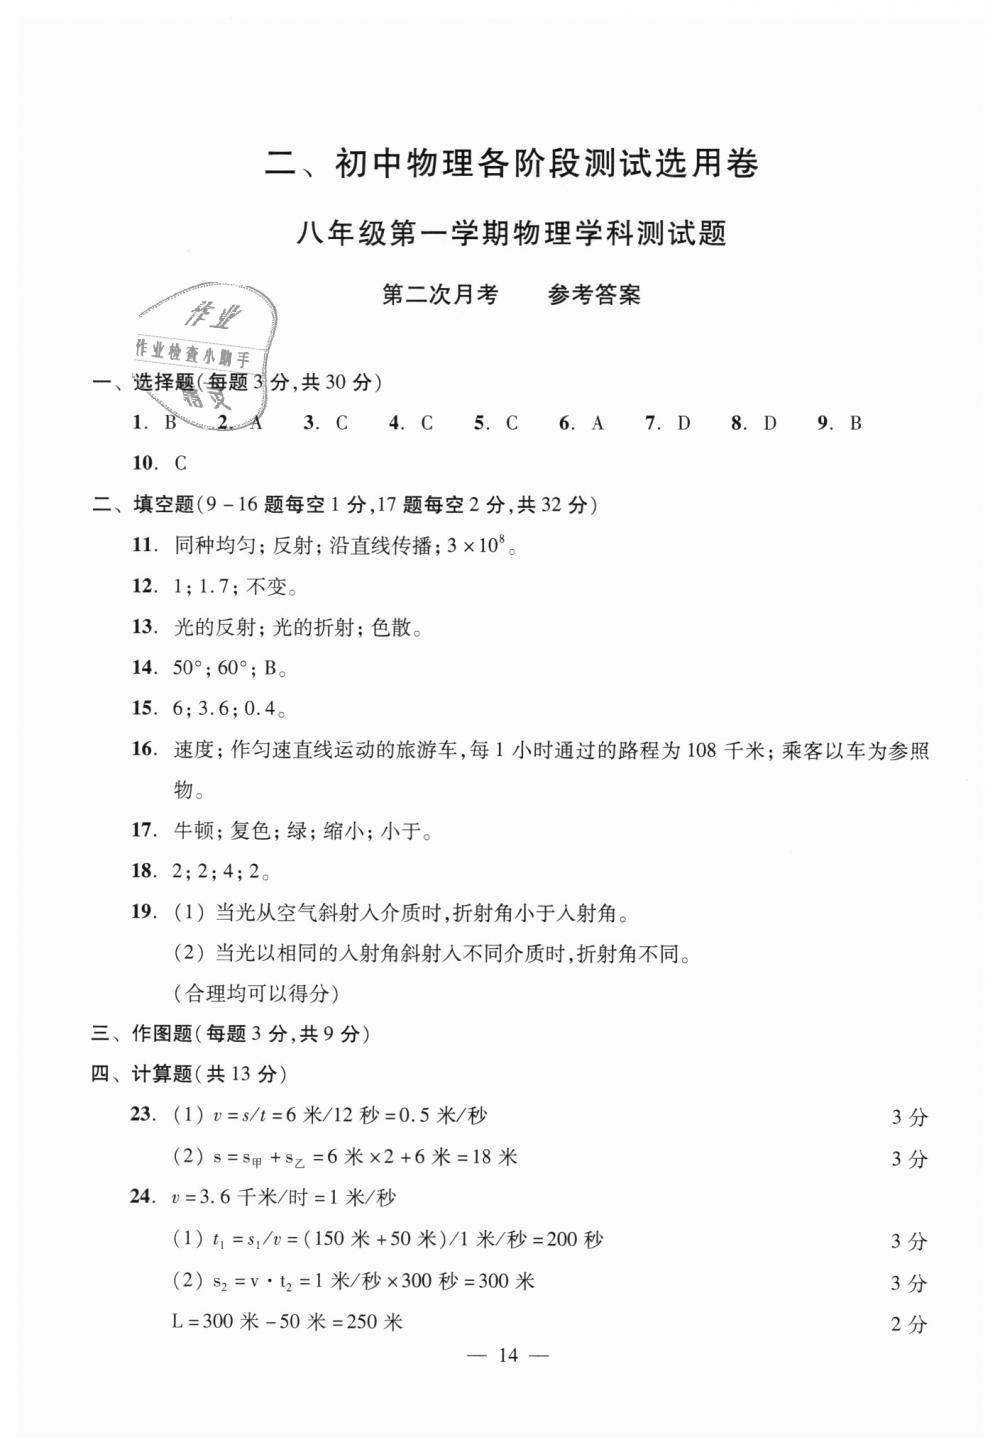 2018年初中物理双基过关堂堂练八年级全一册沪教版第58页